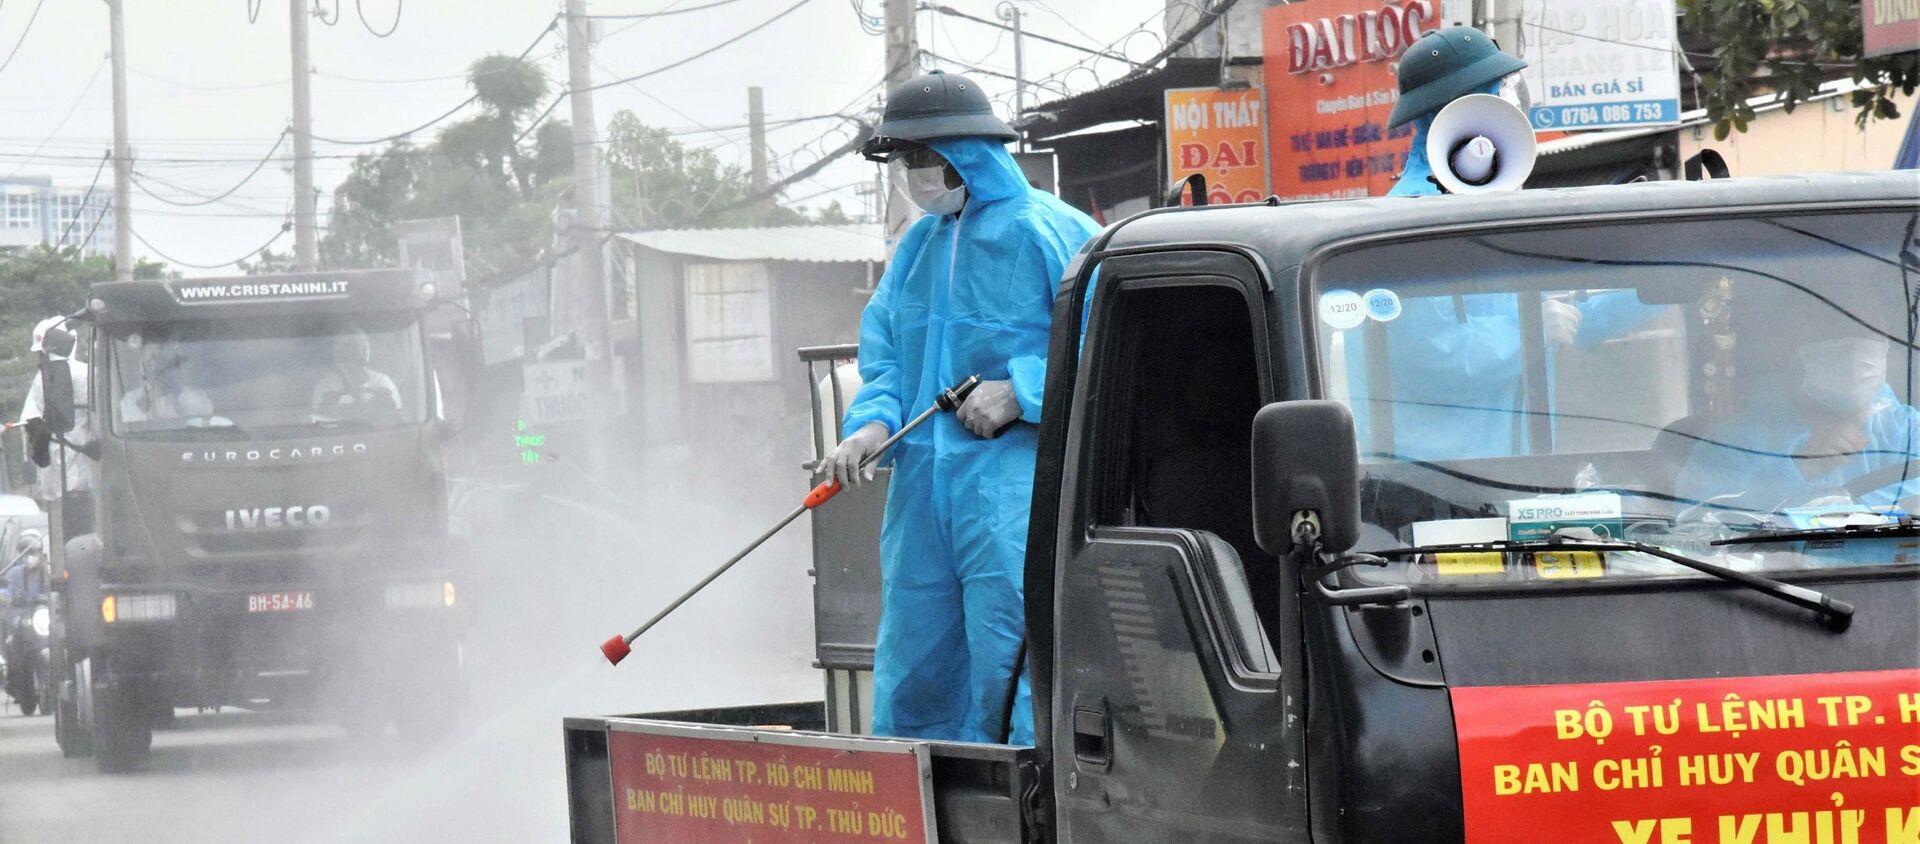 Bộ đội phòng hóa phun khử khuẩn, tiêu độc trên các tuyến đường ở TP Thủ Đức - Sputnik Việt Nam, 1920, 25.07.2021